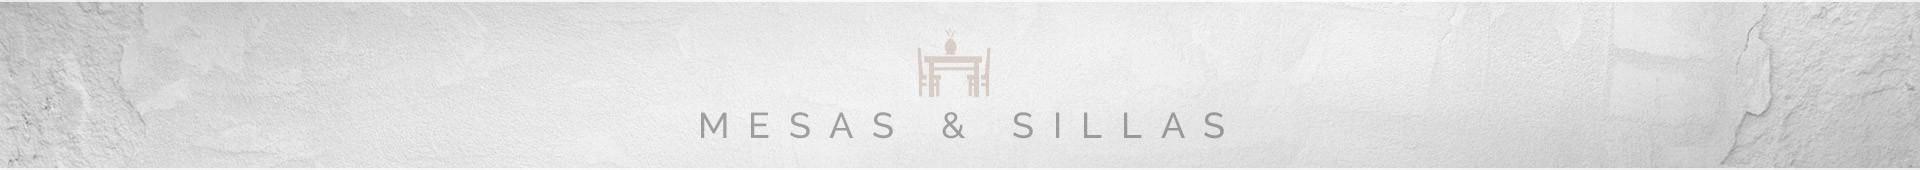 nakura categoria mesas y sillas